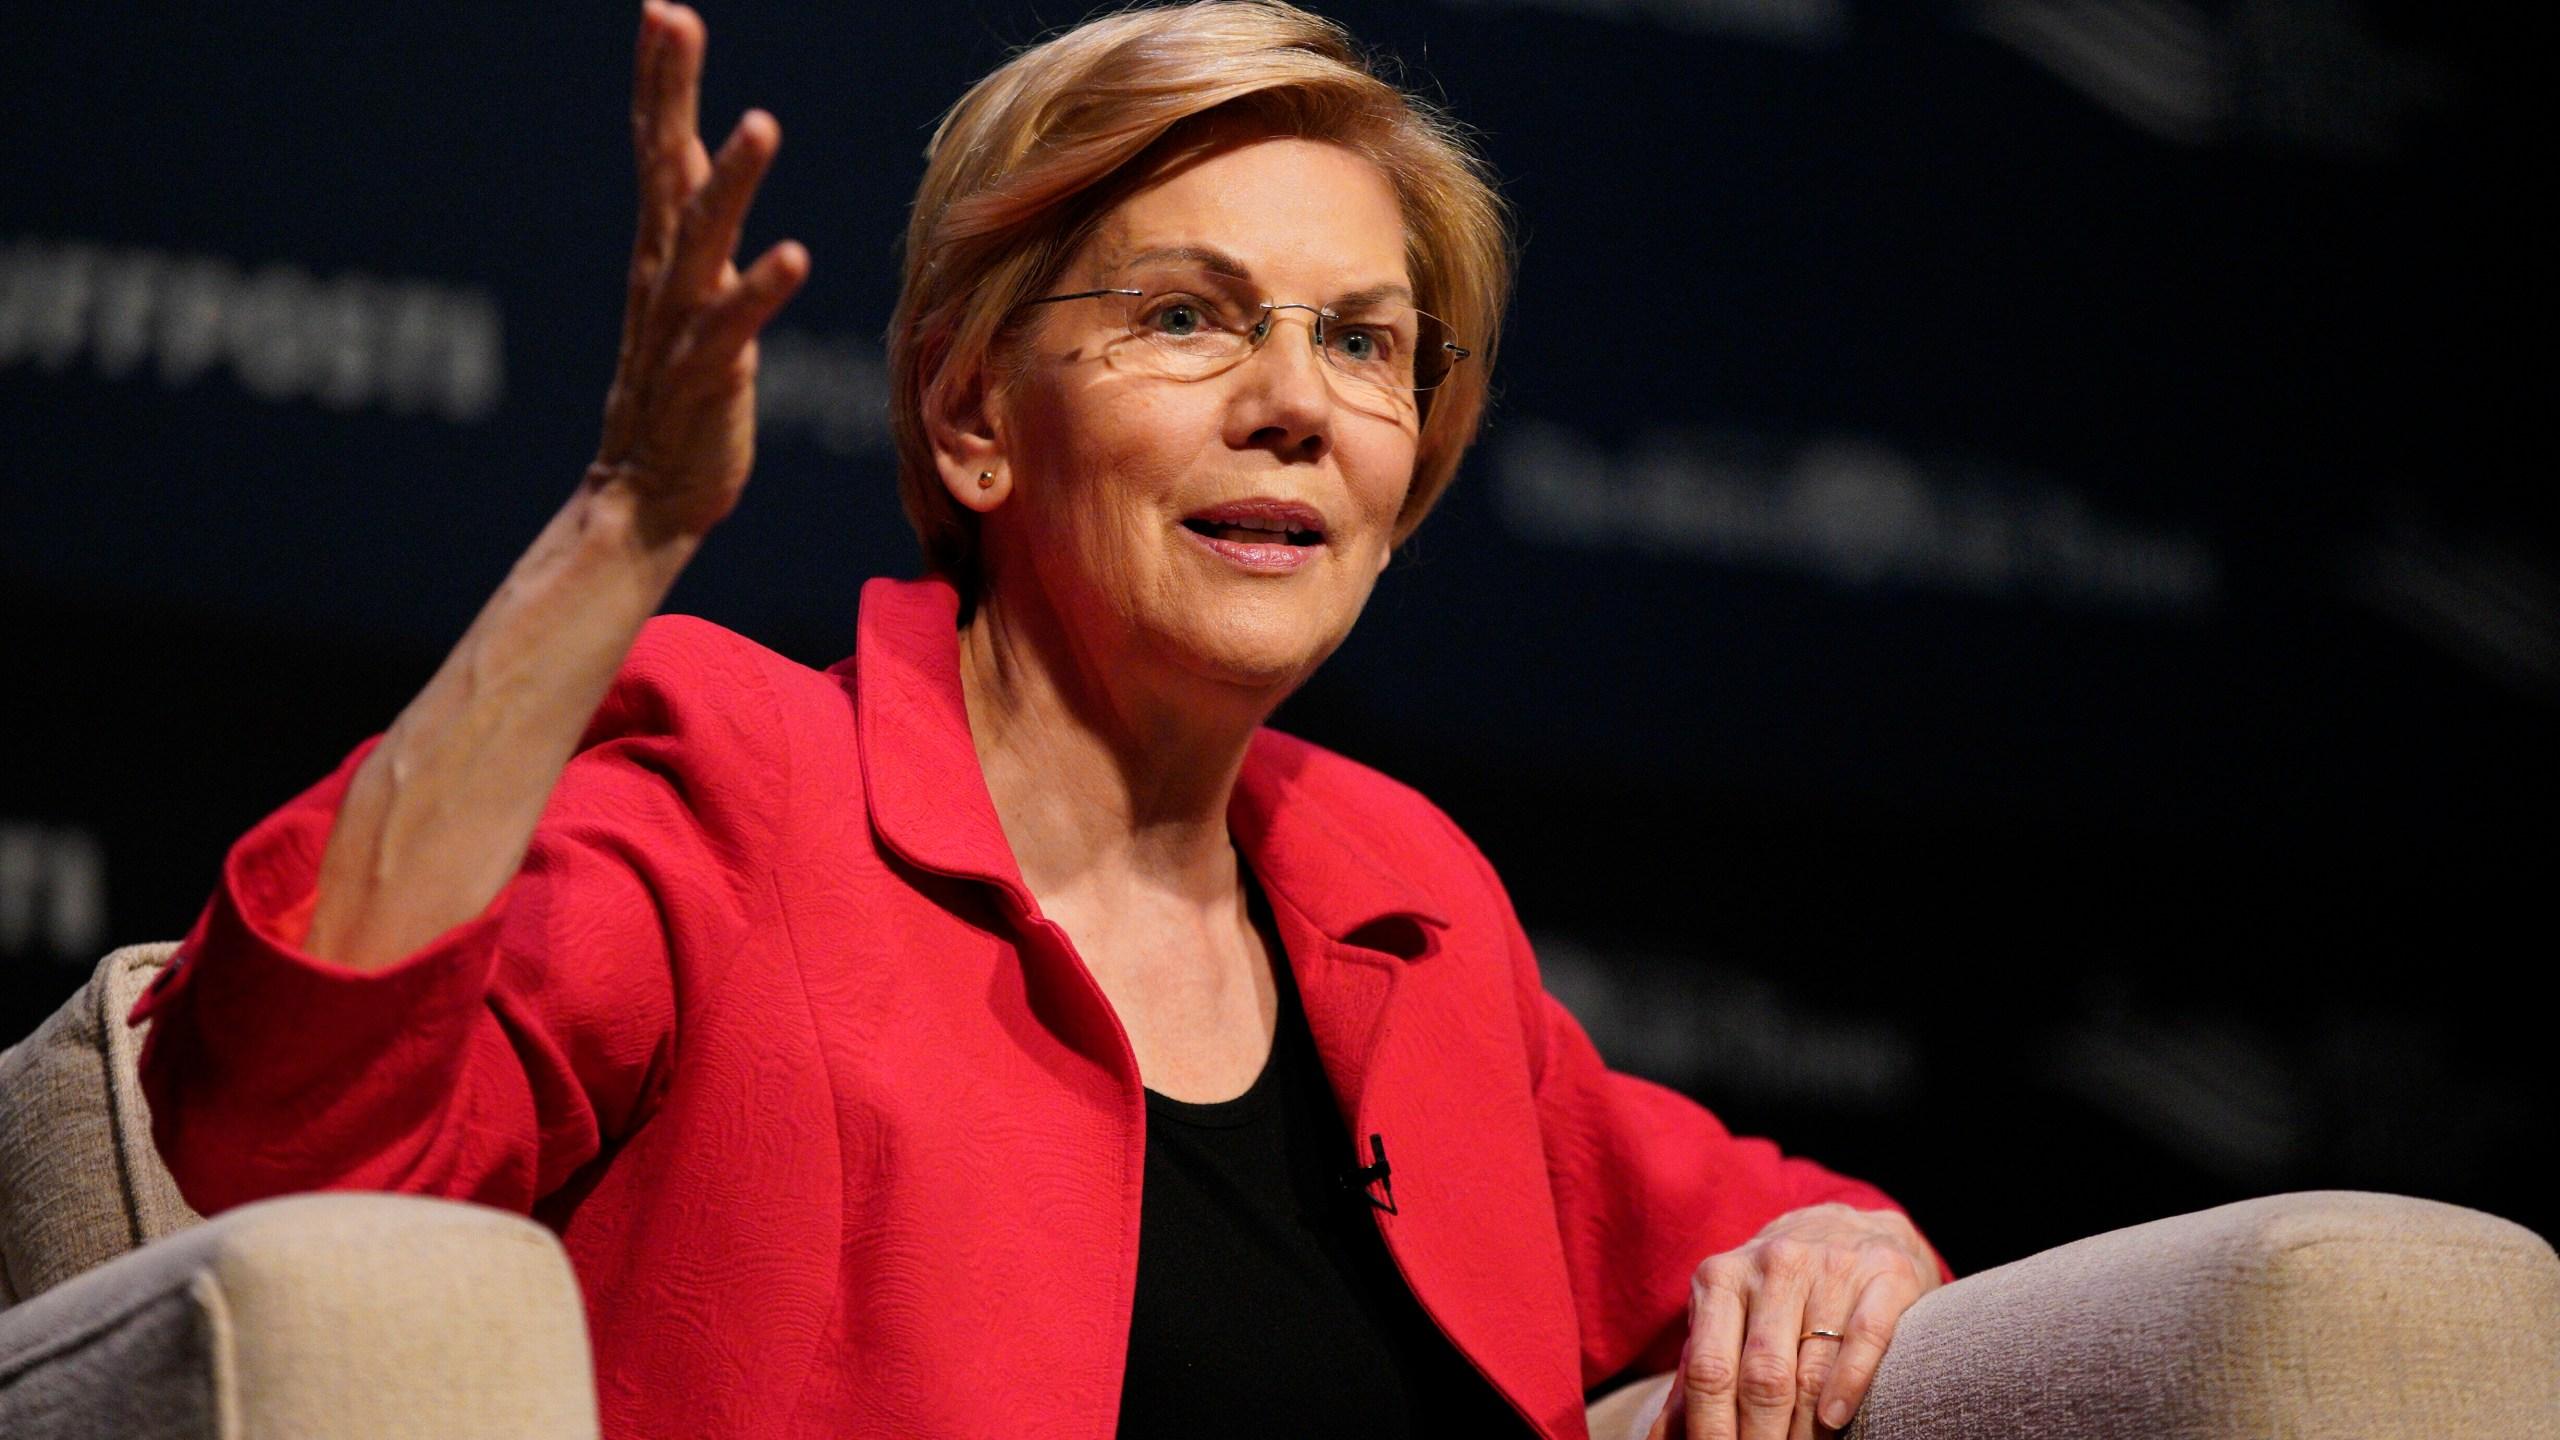 Election_2020_Elizabeth_Warren_24641-159532.jpg10536414